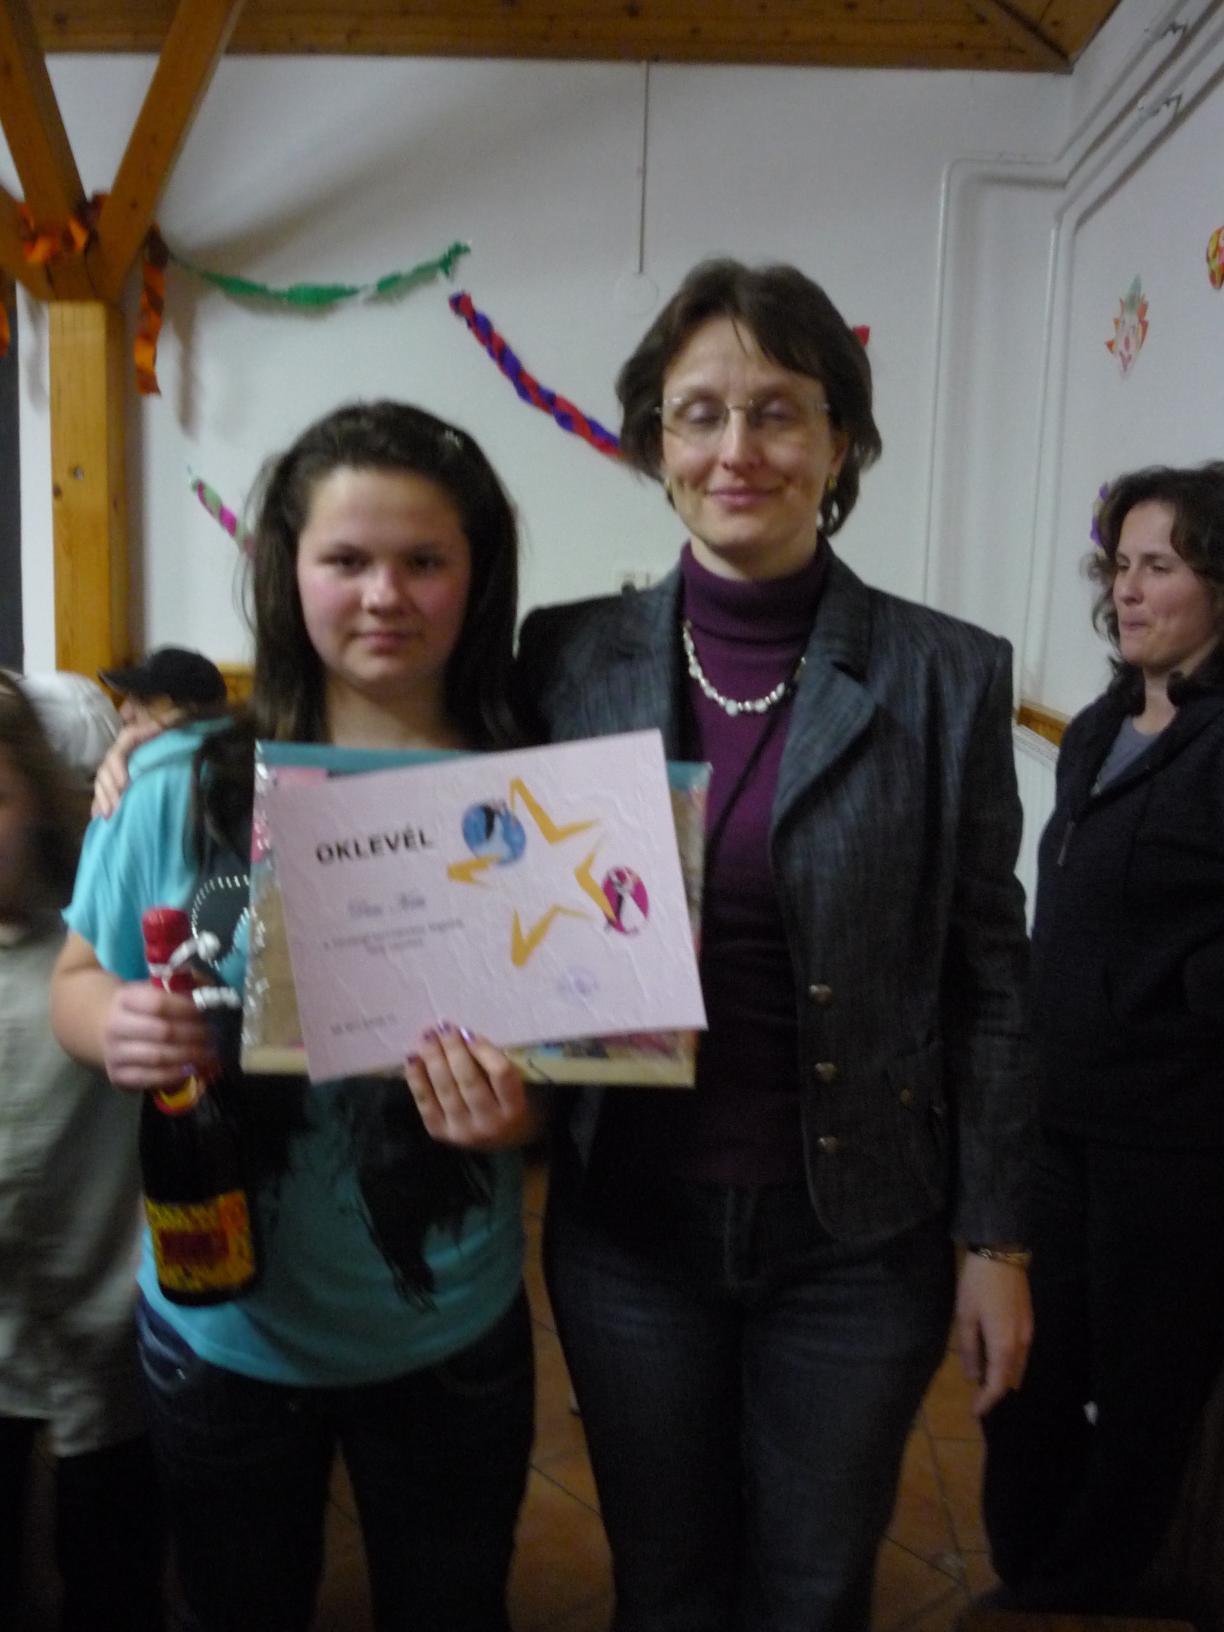 Táncverseny lány nyertese: Diósi Kitti